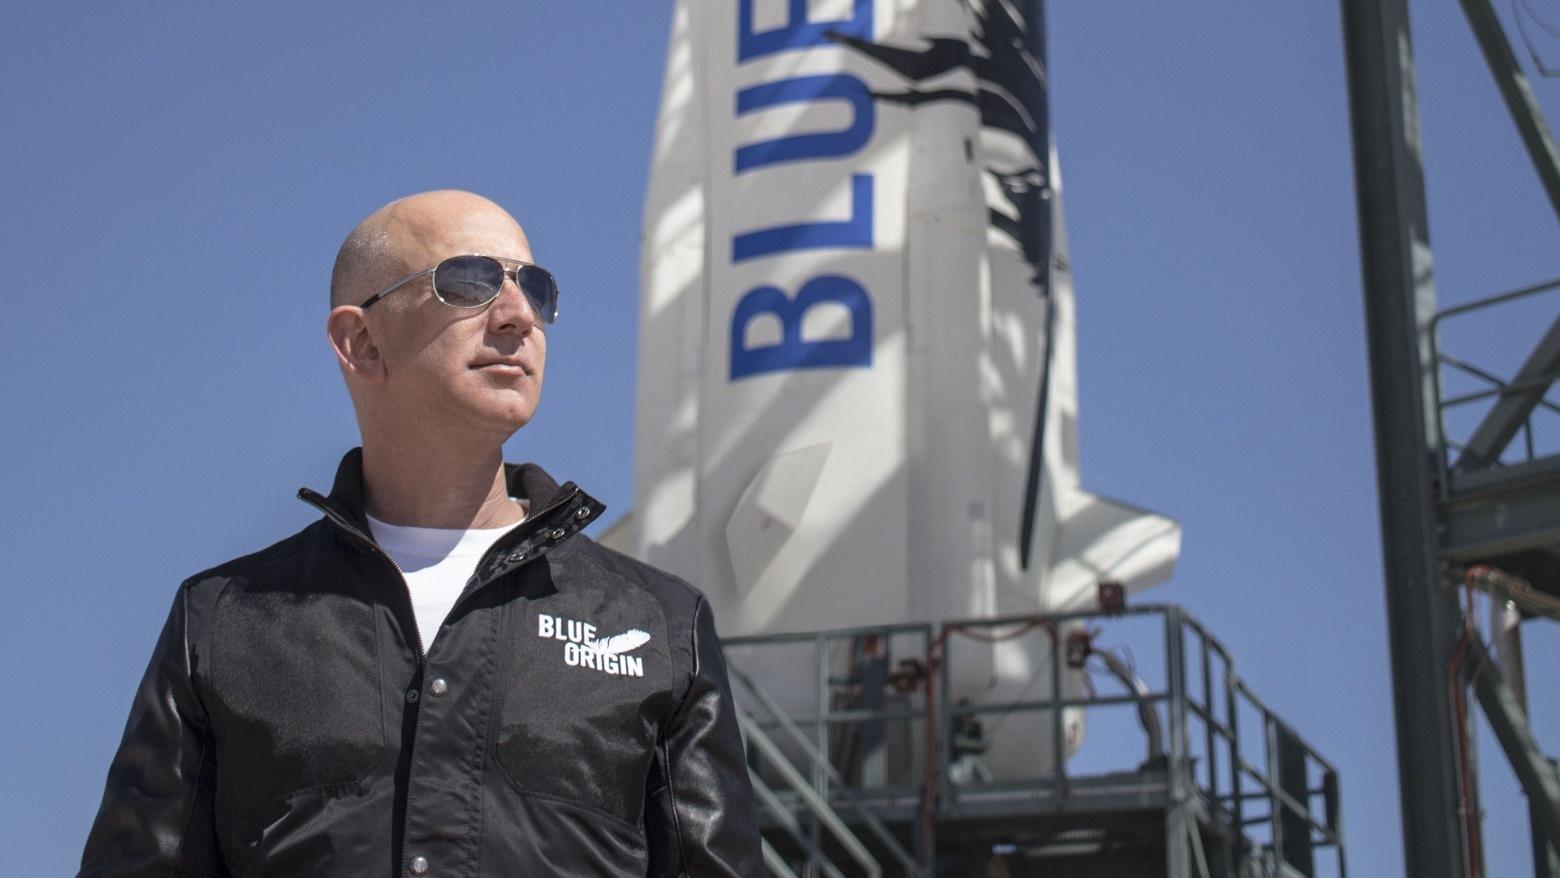 Blue Origin Джеффа Безоса планирует высадиться на Луну к 2023 году - 1